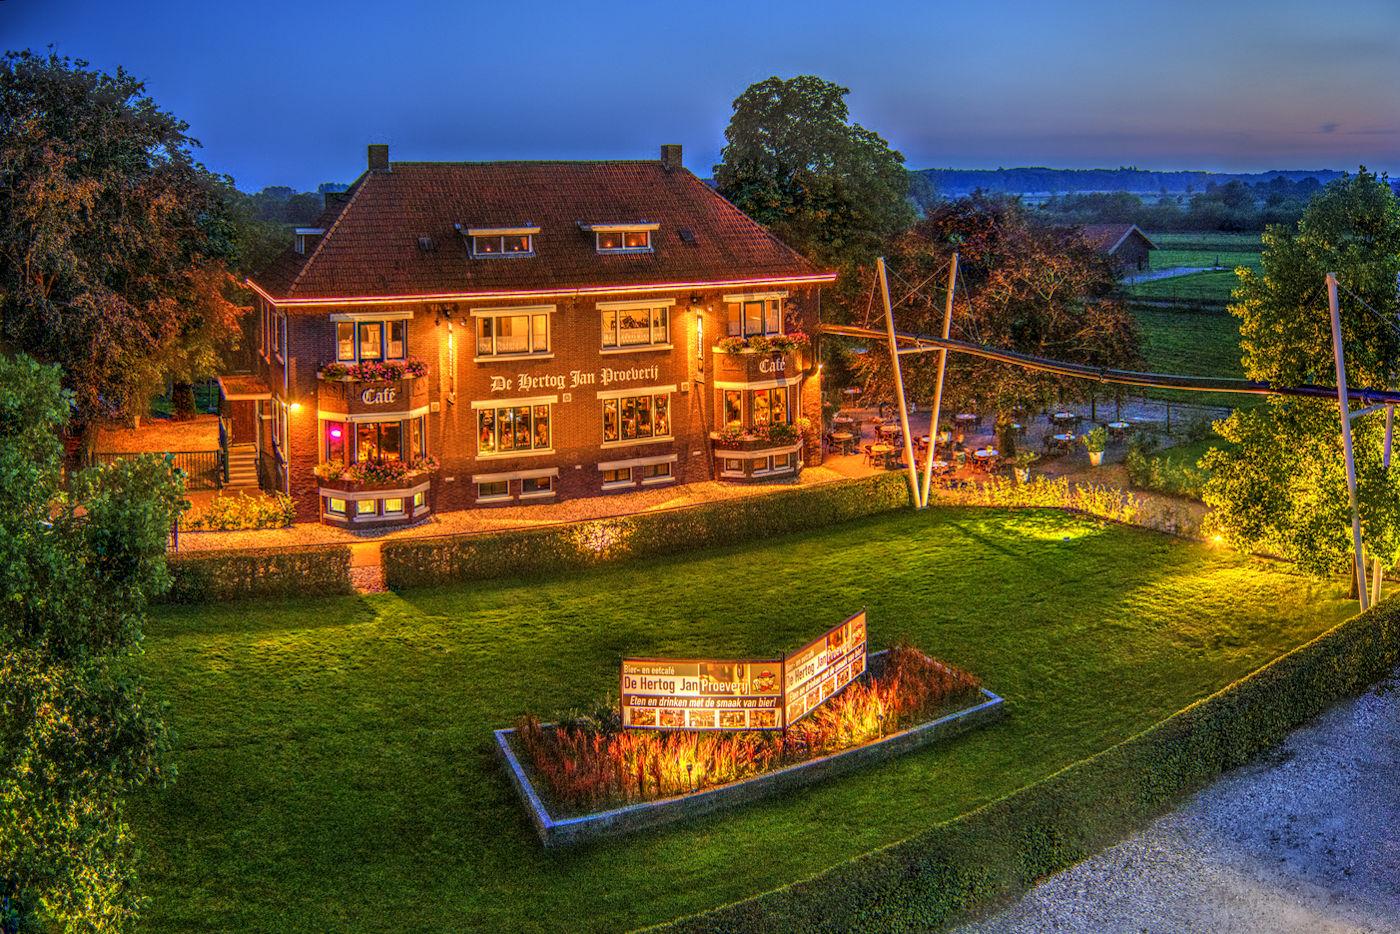 Dineren bij de Hertog Jan Brouwerij!